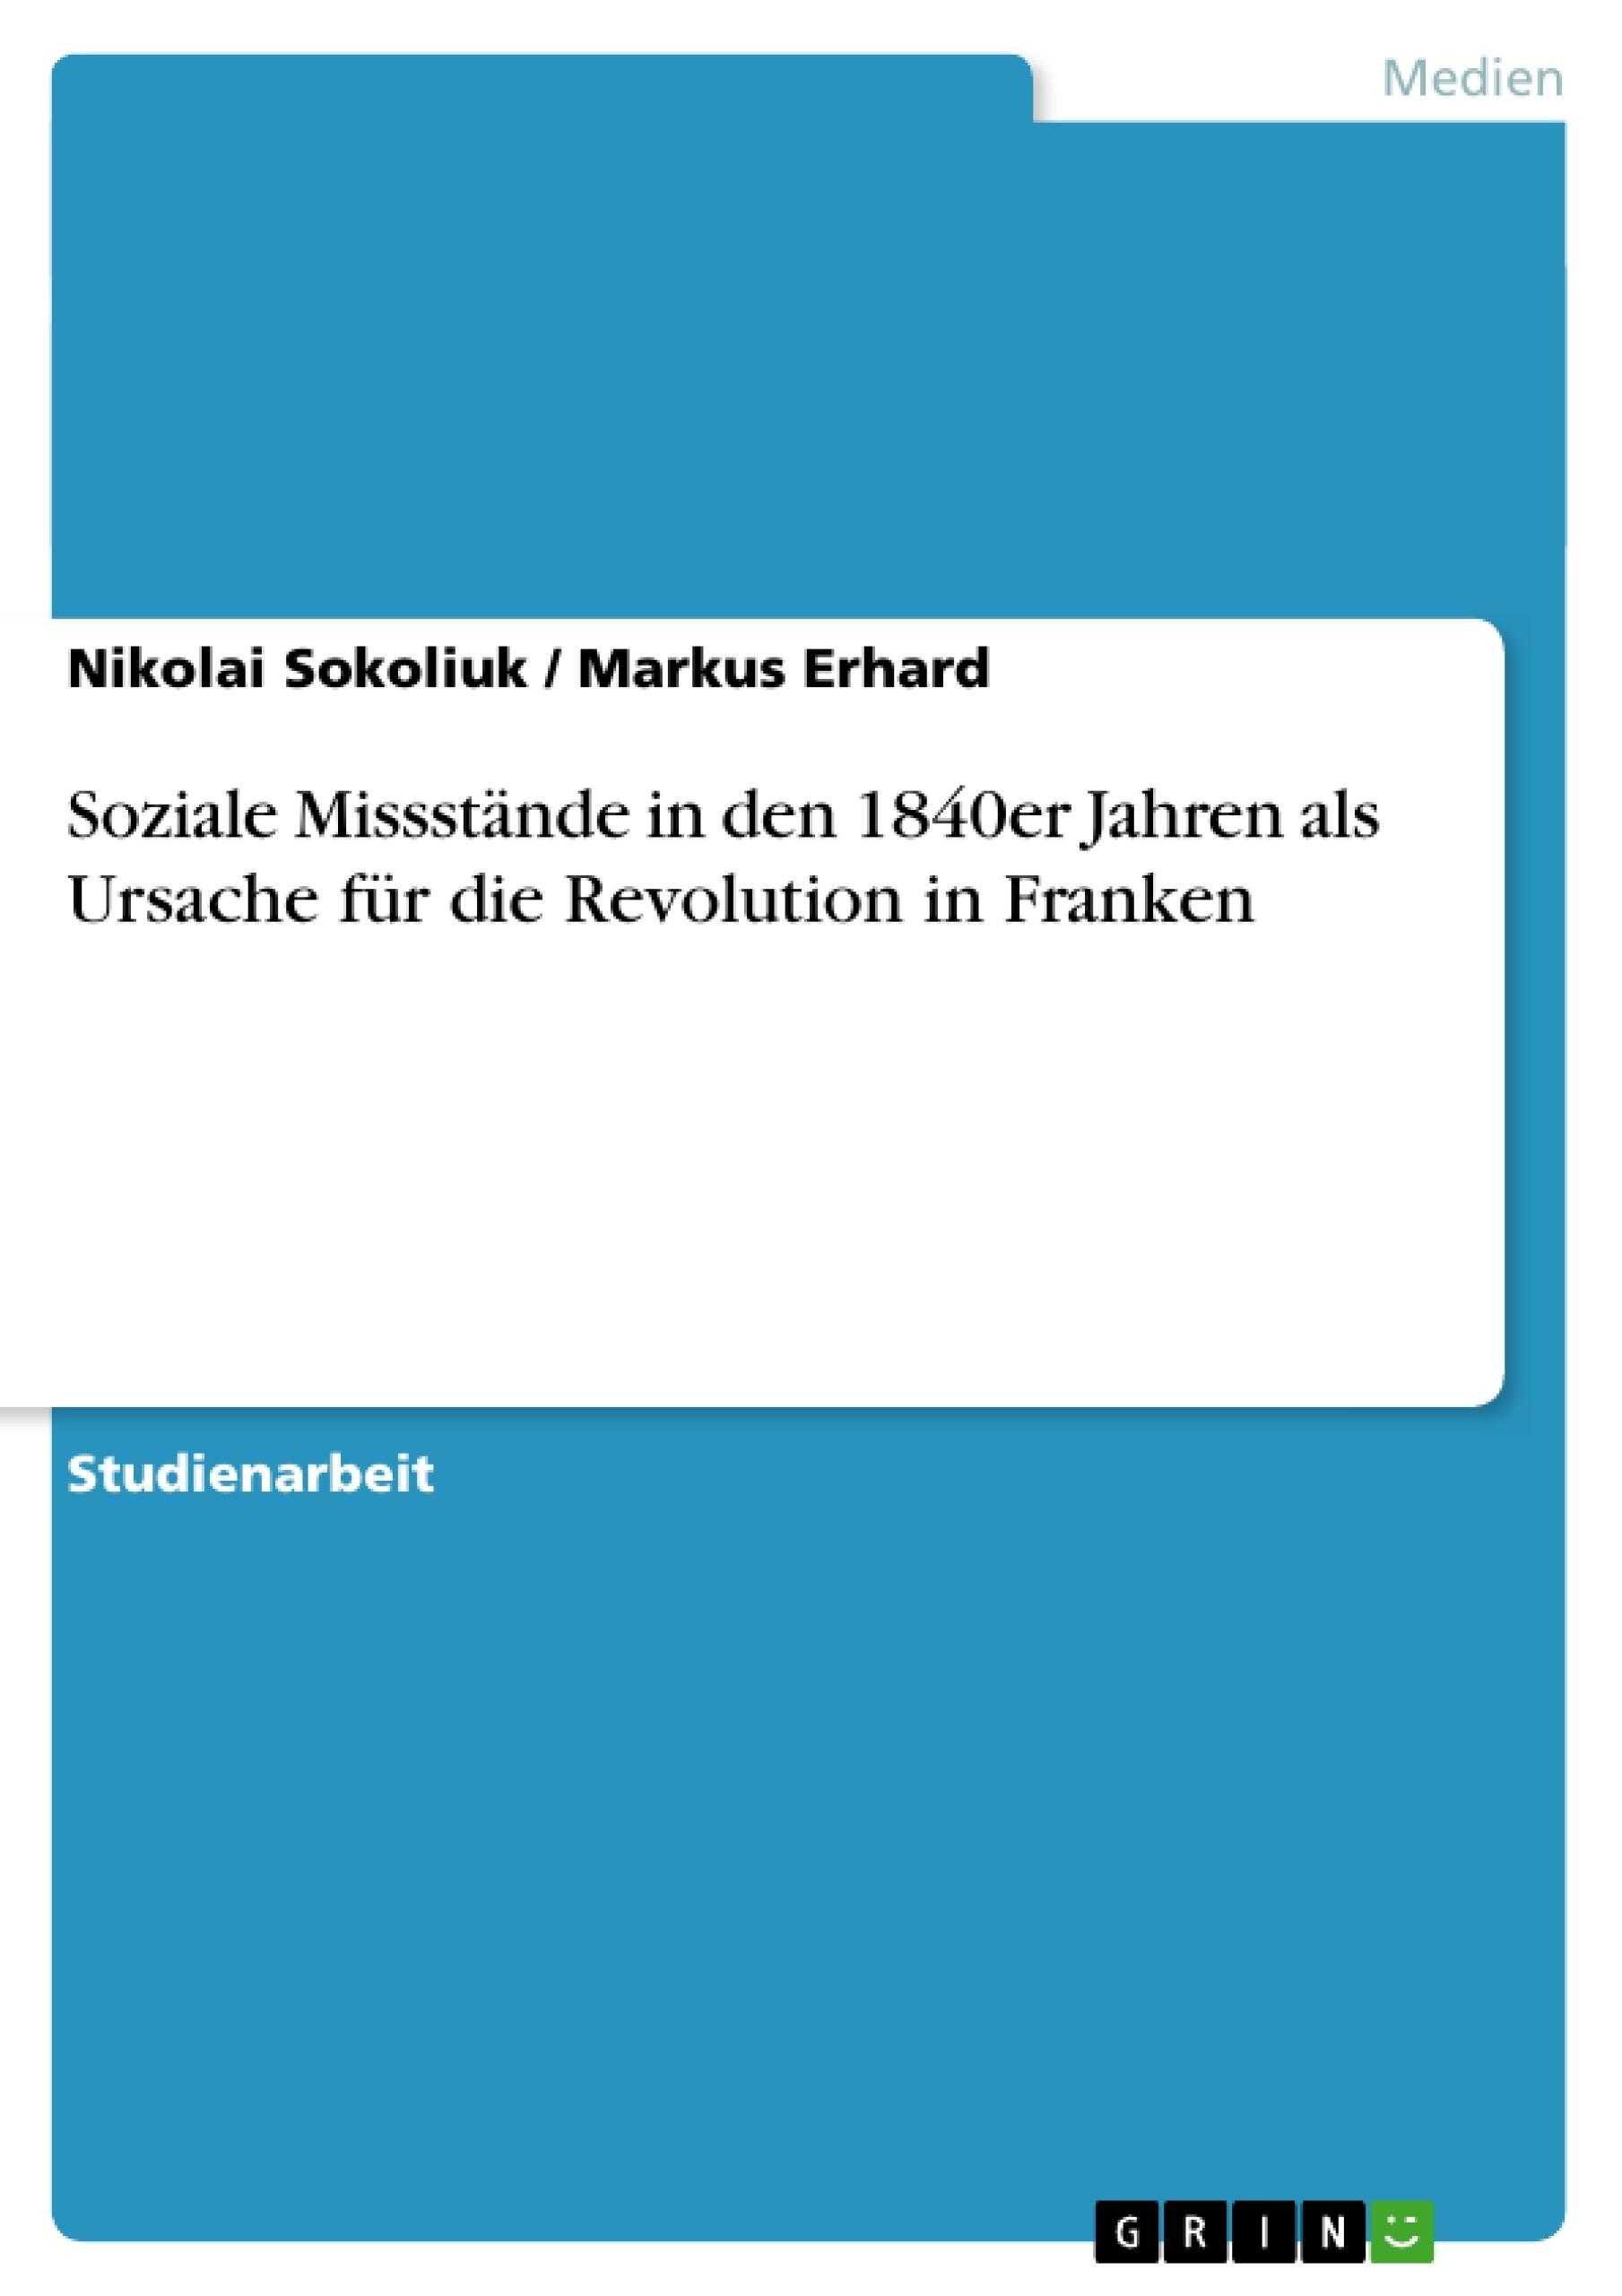 Titel: Soziale Missstände in den 1840er Jahren als Ursache für die Revolution in Franken